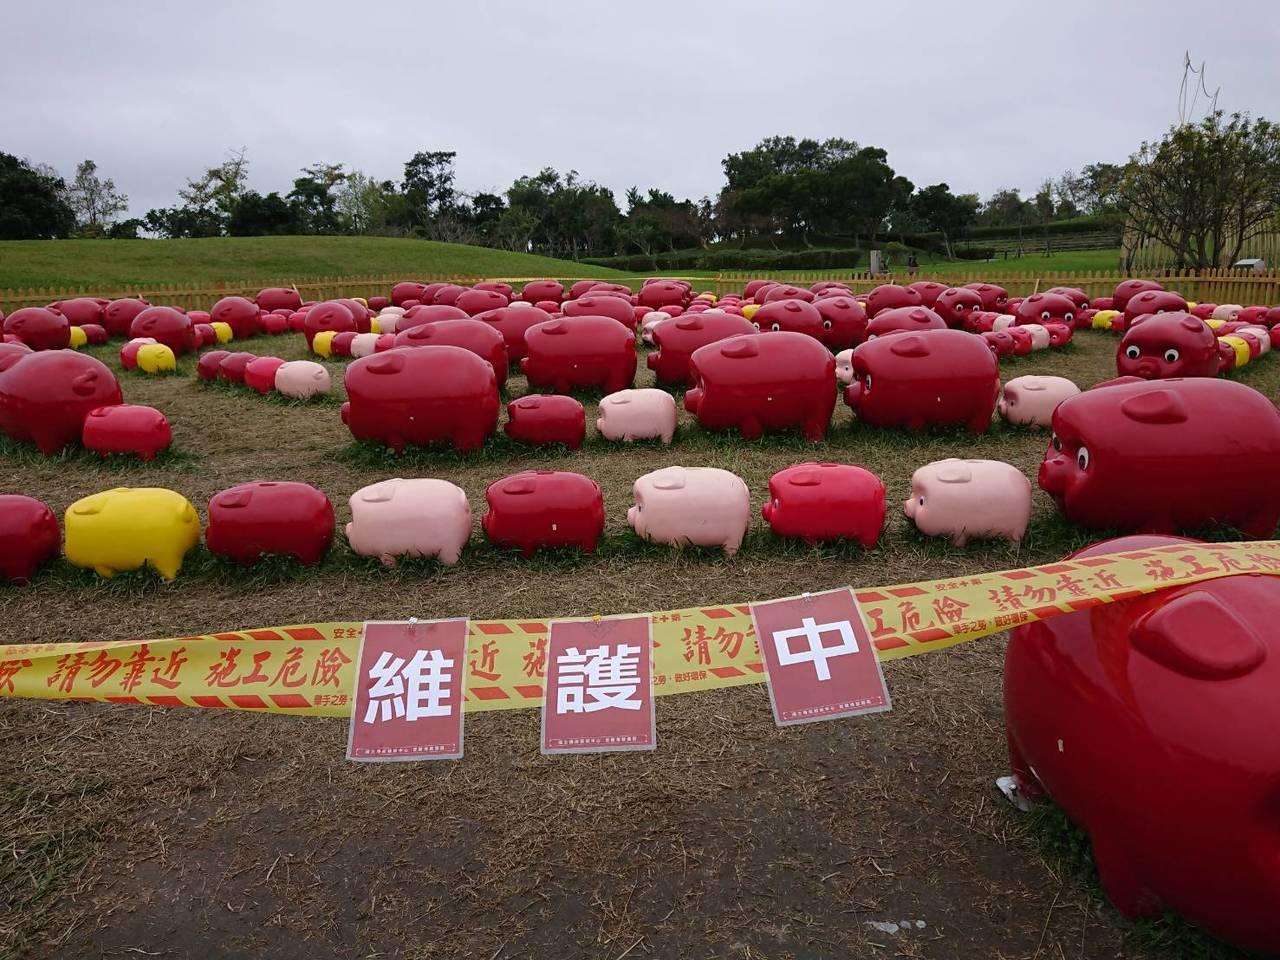 國立傳統藝術中心宜蘭園區今起關閉「百豬迷宮」,把連日來沒了眼睛、掉漆的受傷豬送廠...